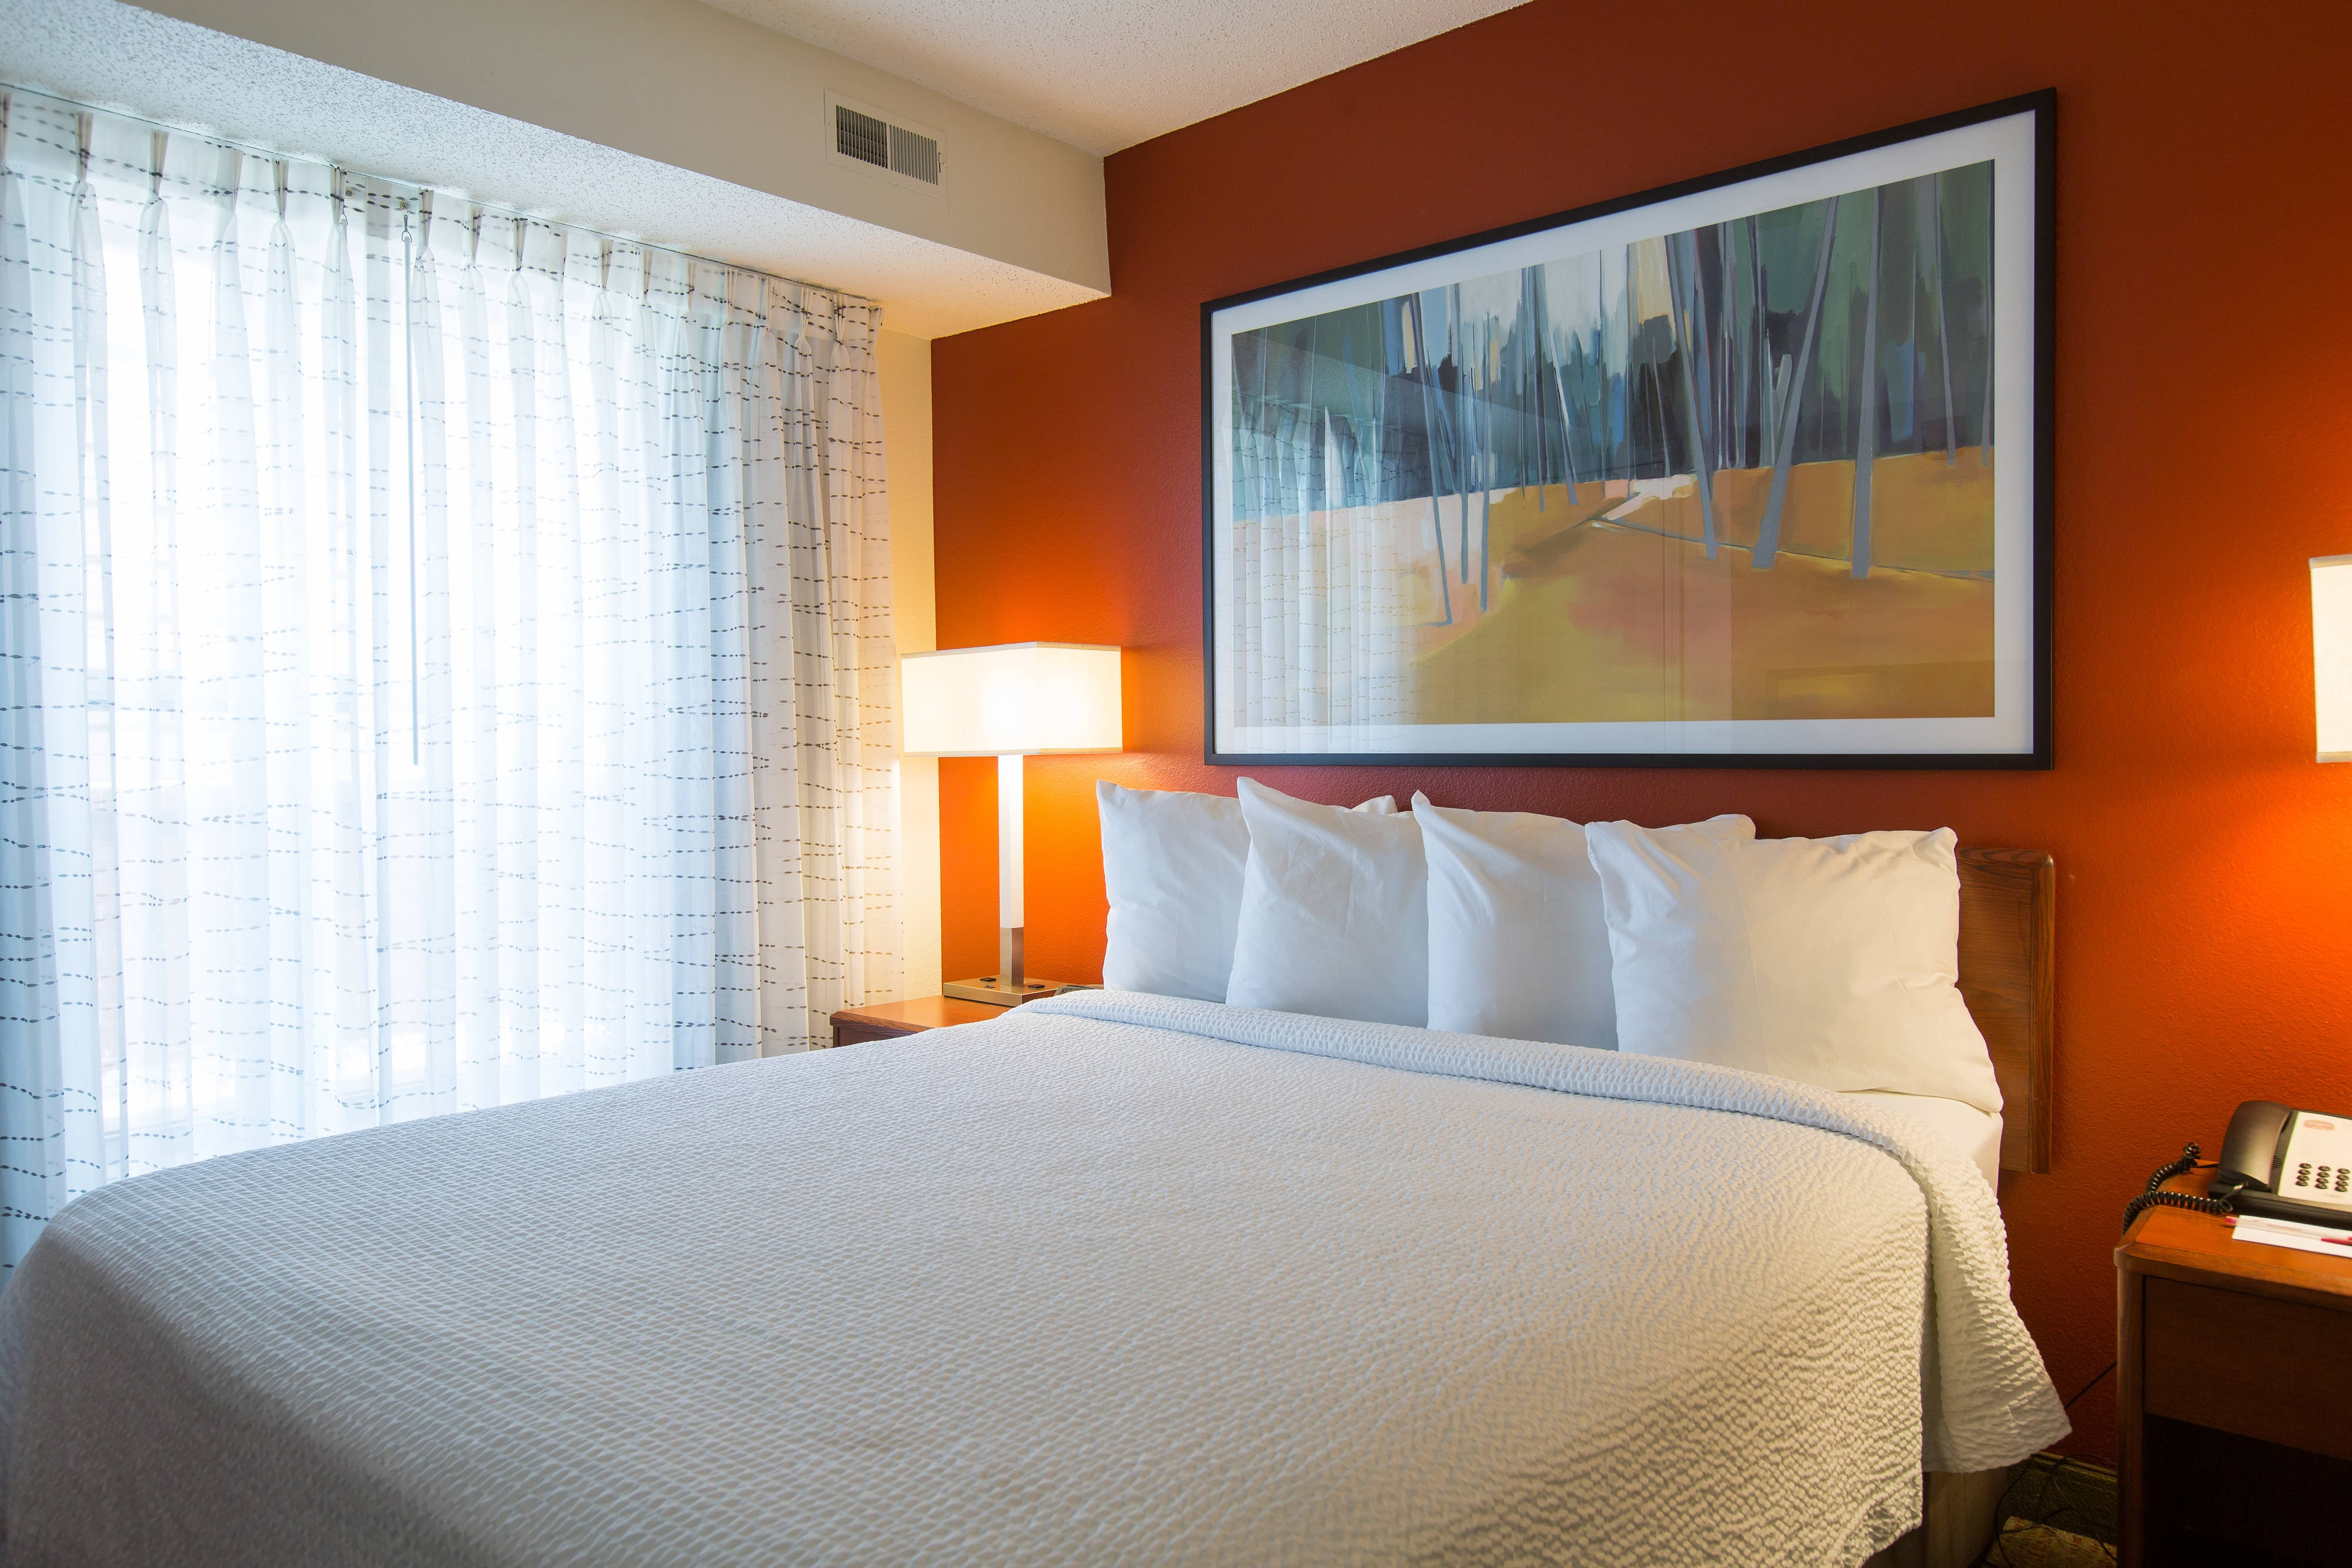 Suite de un dormitorio - Área de dormir